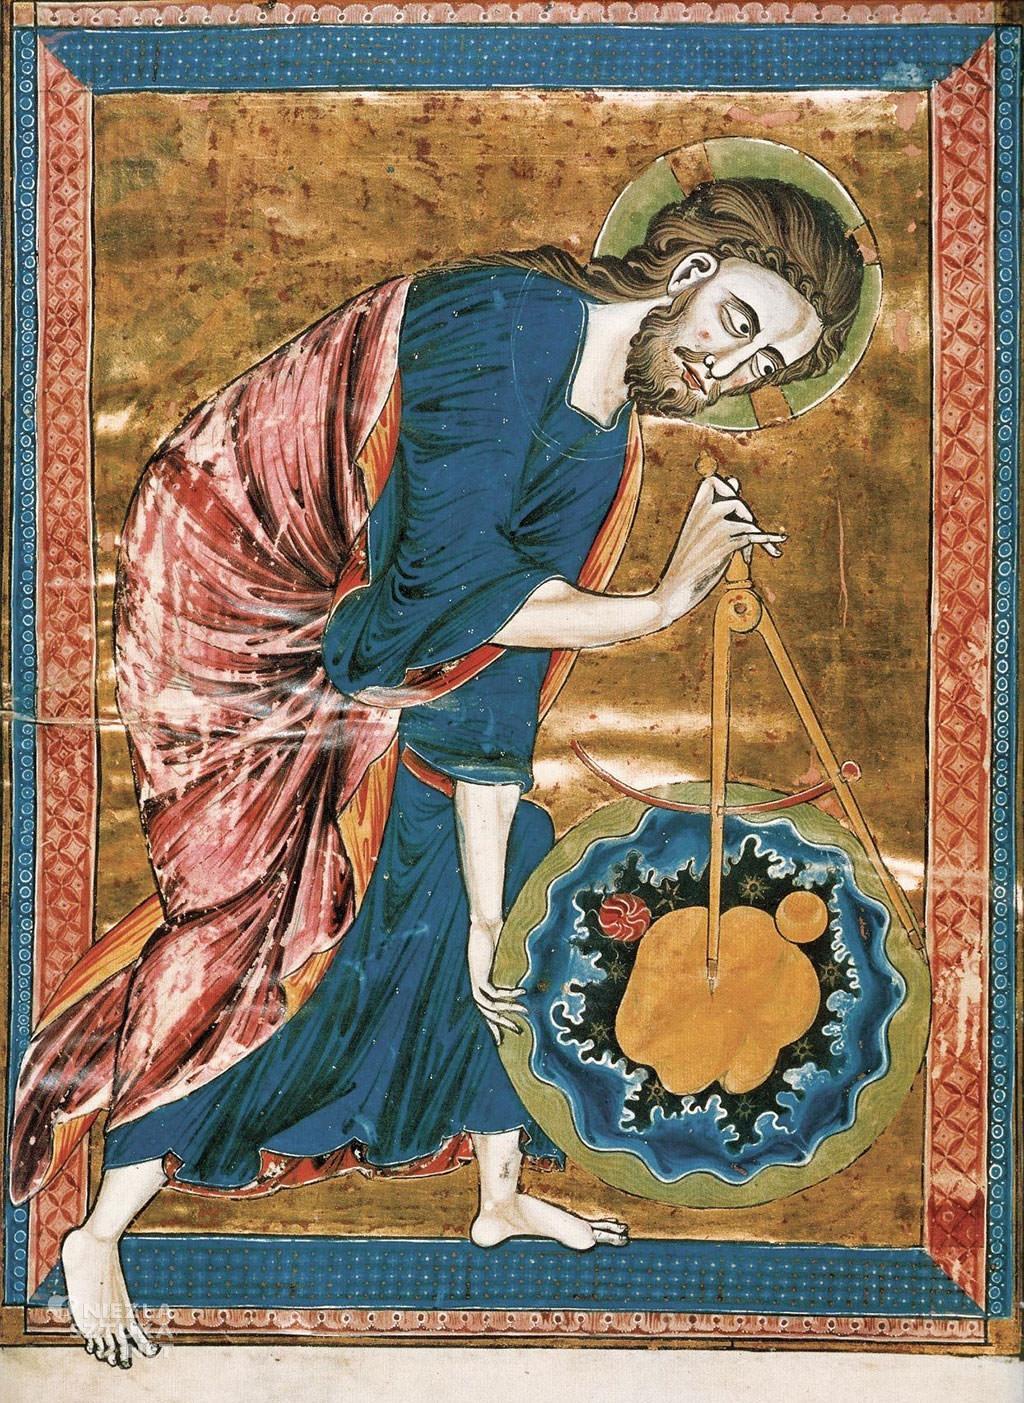 Wielki architekt świata, Bóg jako architekt, geometra, miniatura, Niezła sztuka